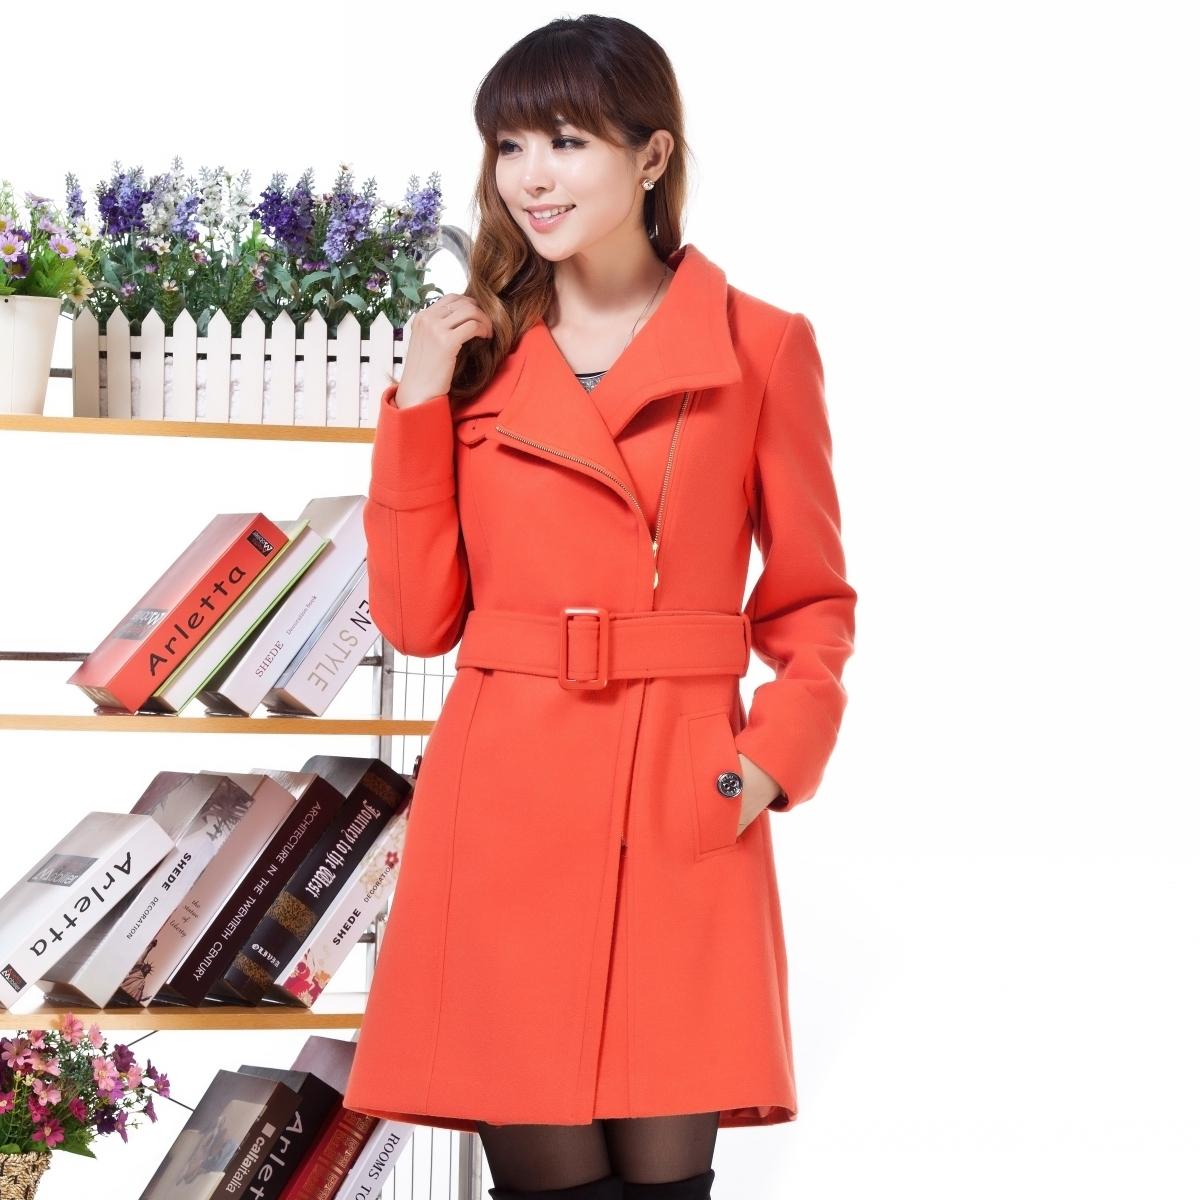 женское пальто 6868 2013 Зима 2013 Длинная модель (80 см<длина изделия ≤ 100 см) Длинный рукав Классический рукав